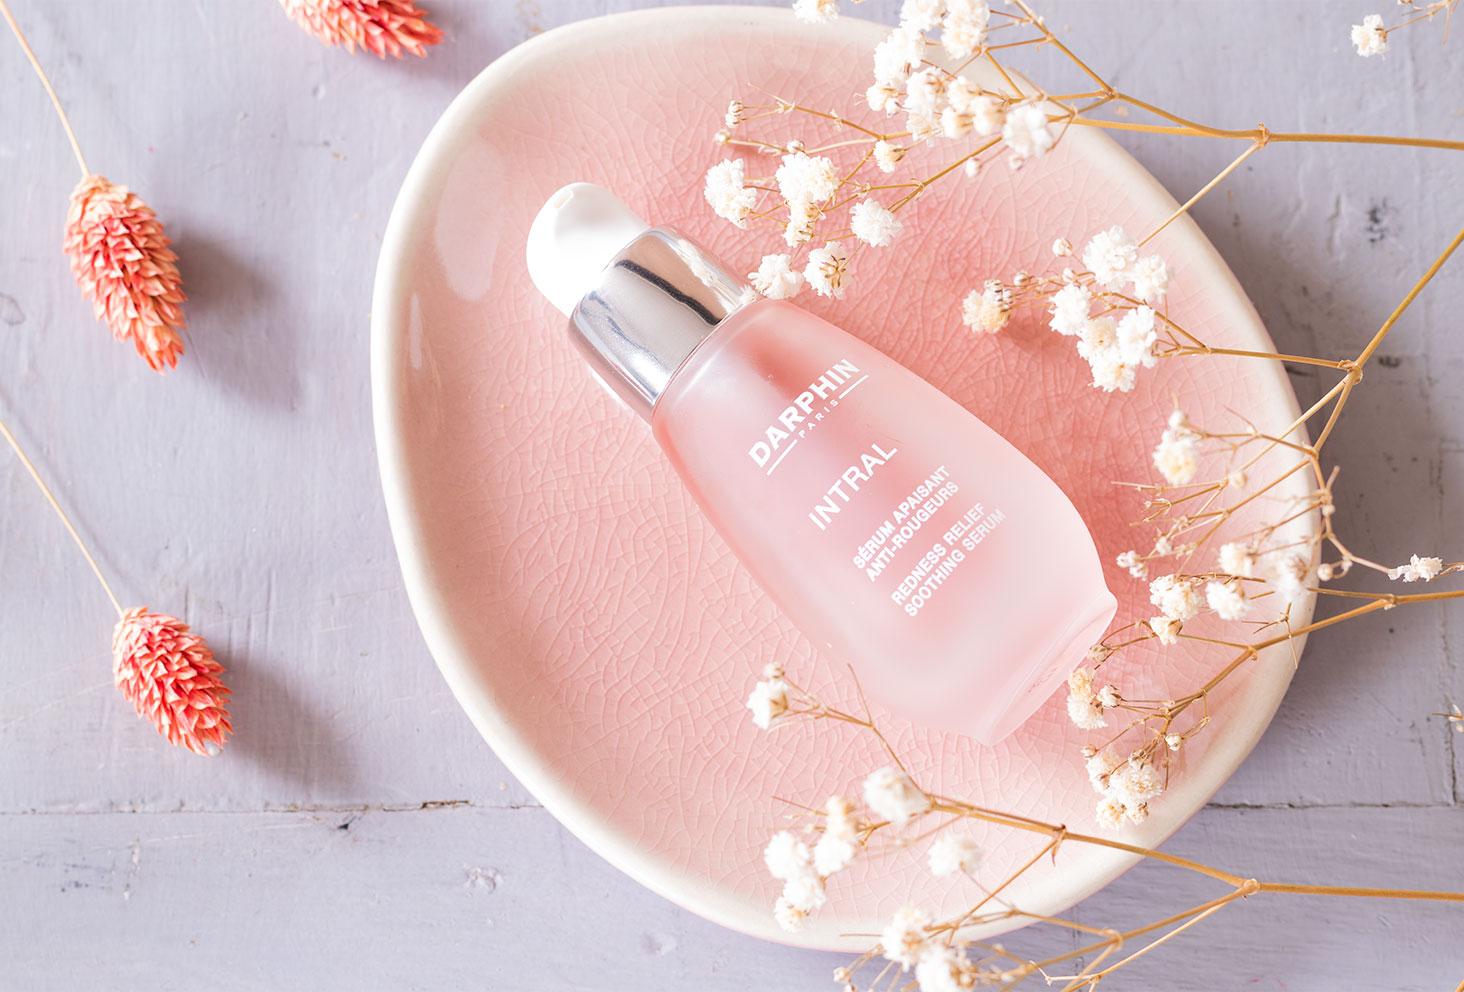 Le sérum apaisant anti-rougeurs allongée dans une coupelle rose au milieu de fleurs séchées blanches et roses